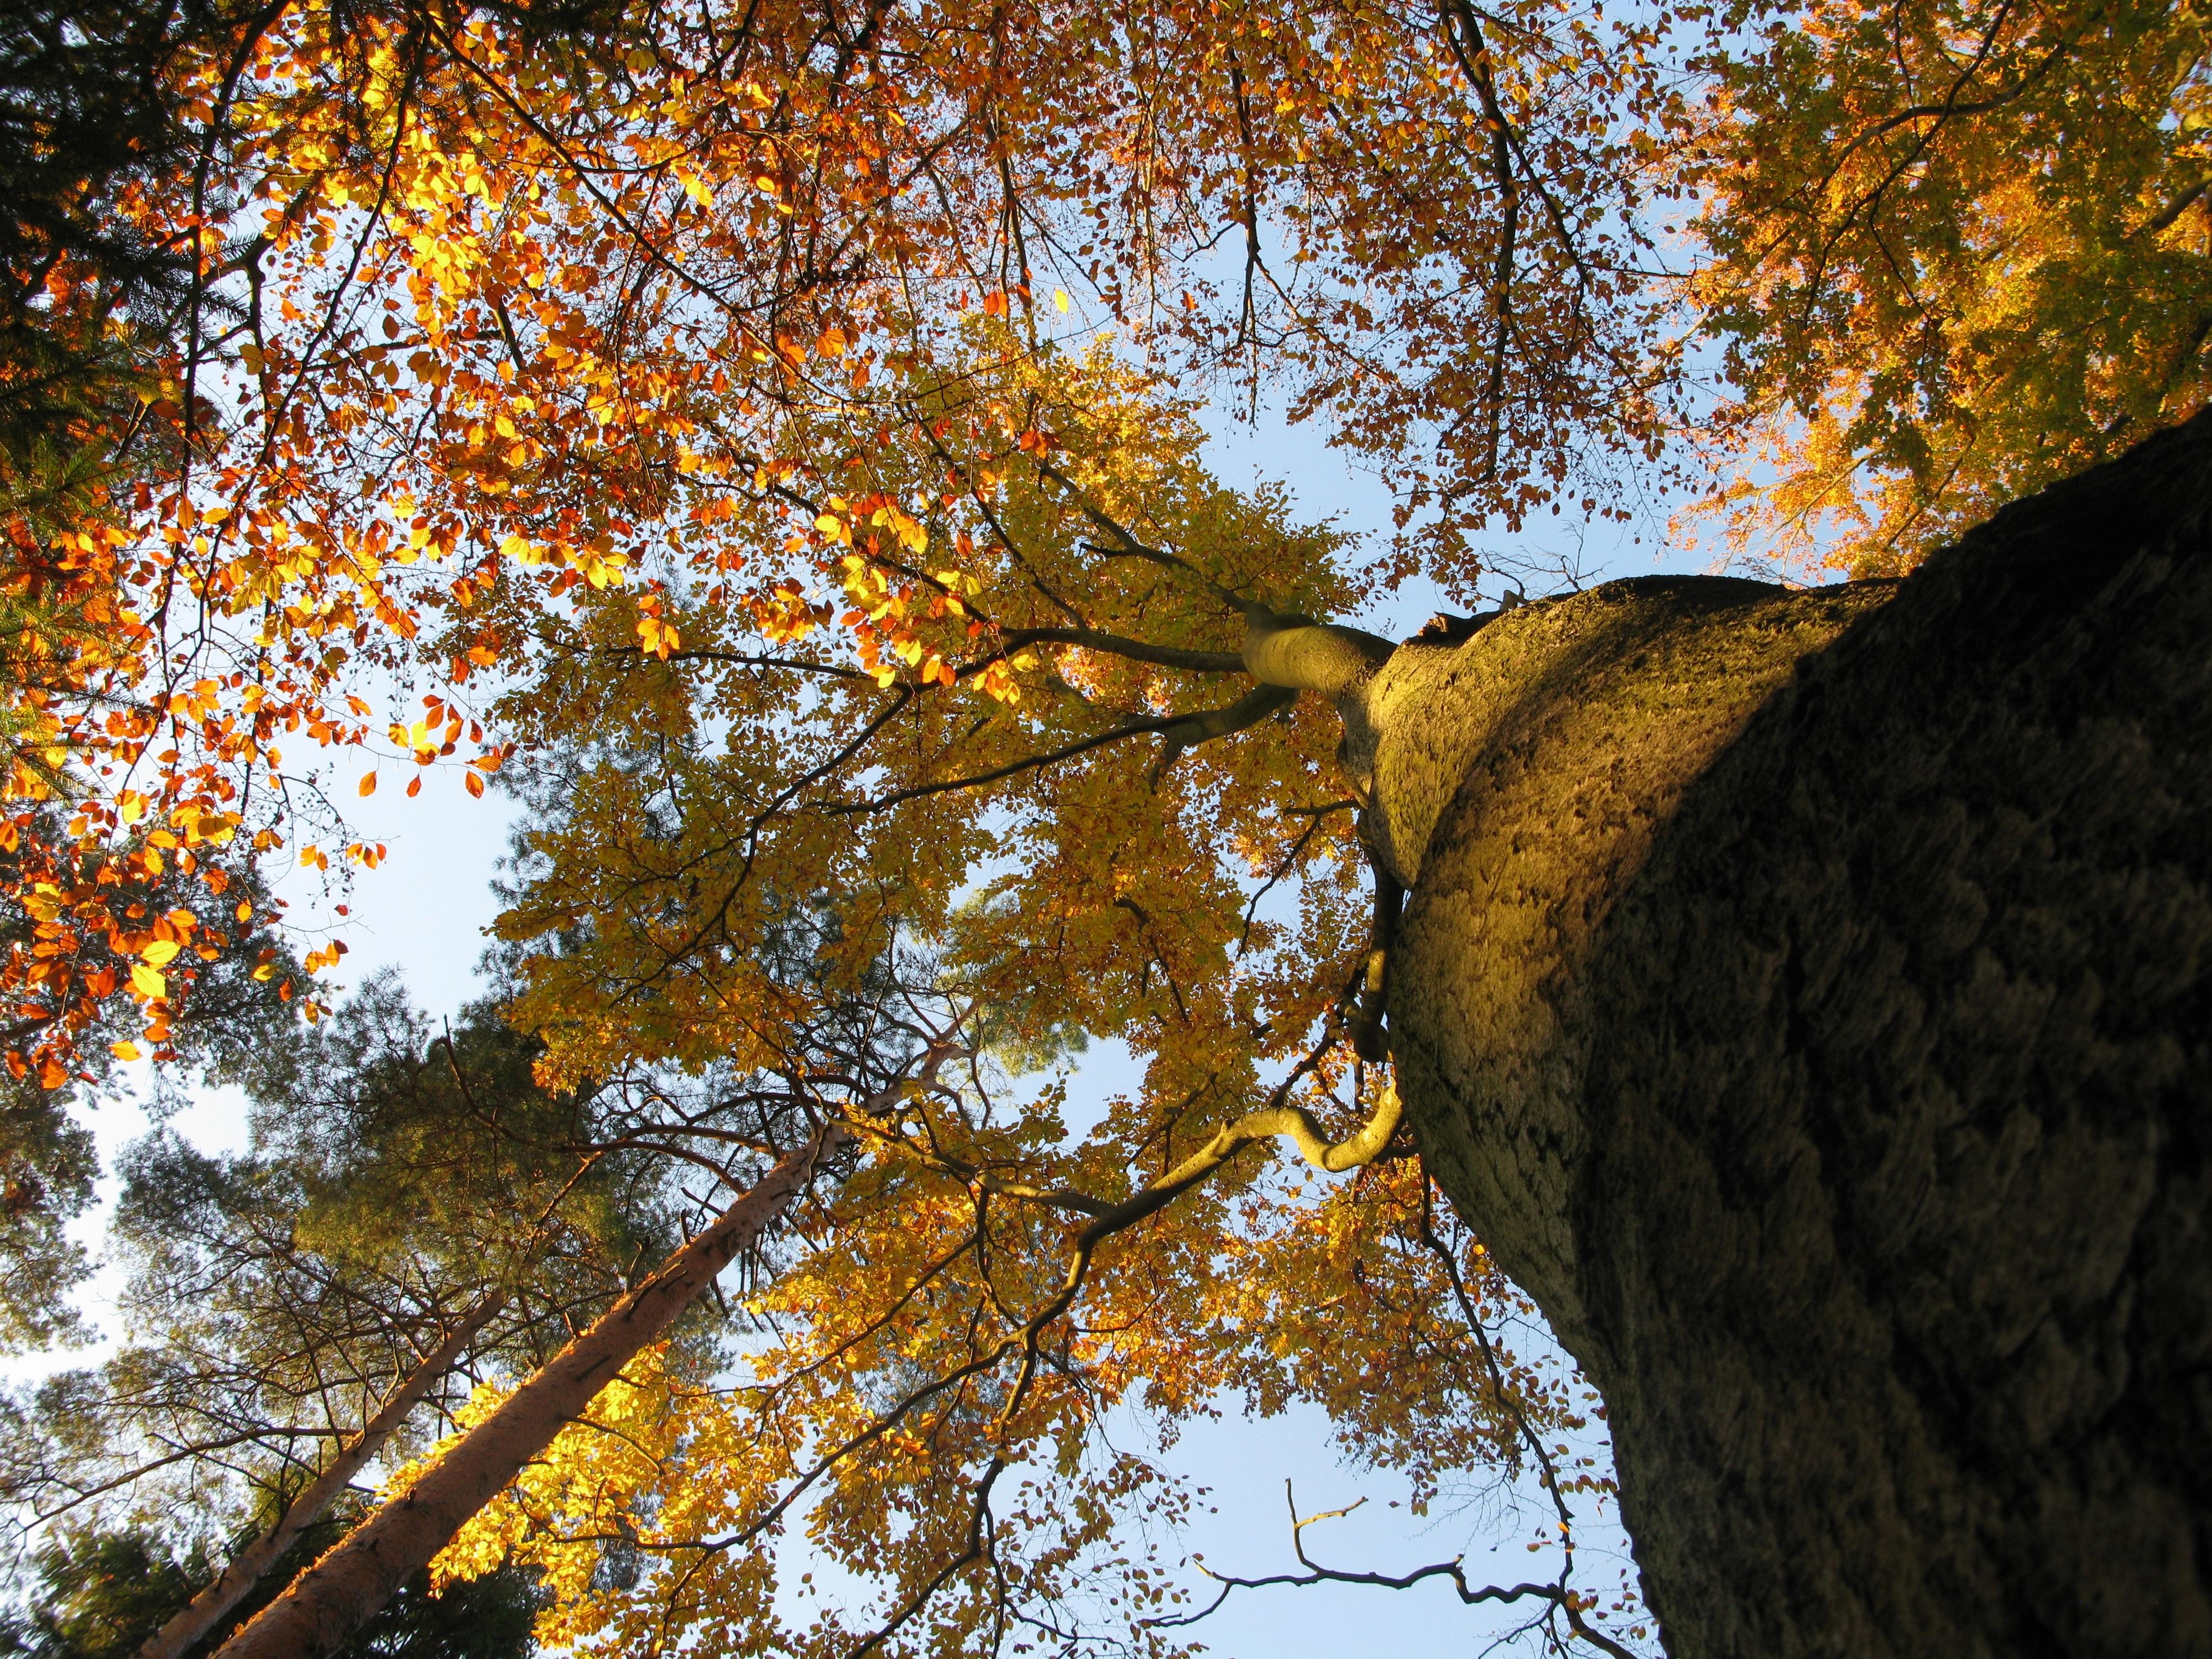 foto de Images Gratuites : arbre, la nature, forêt, branche, plante, ciel ...